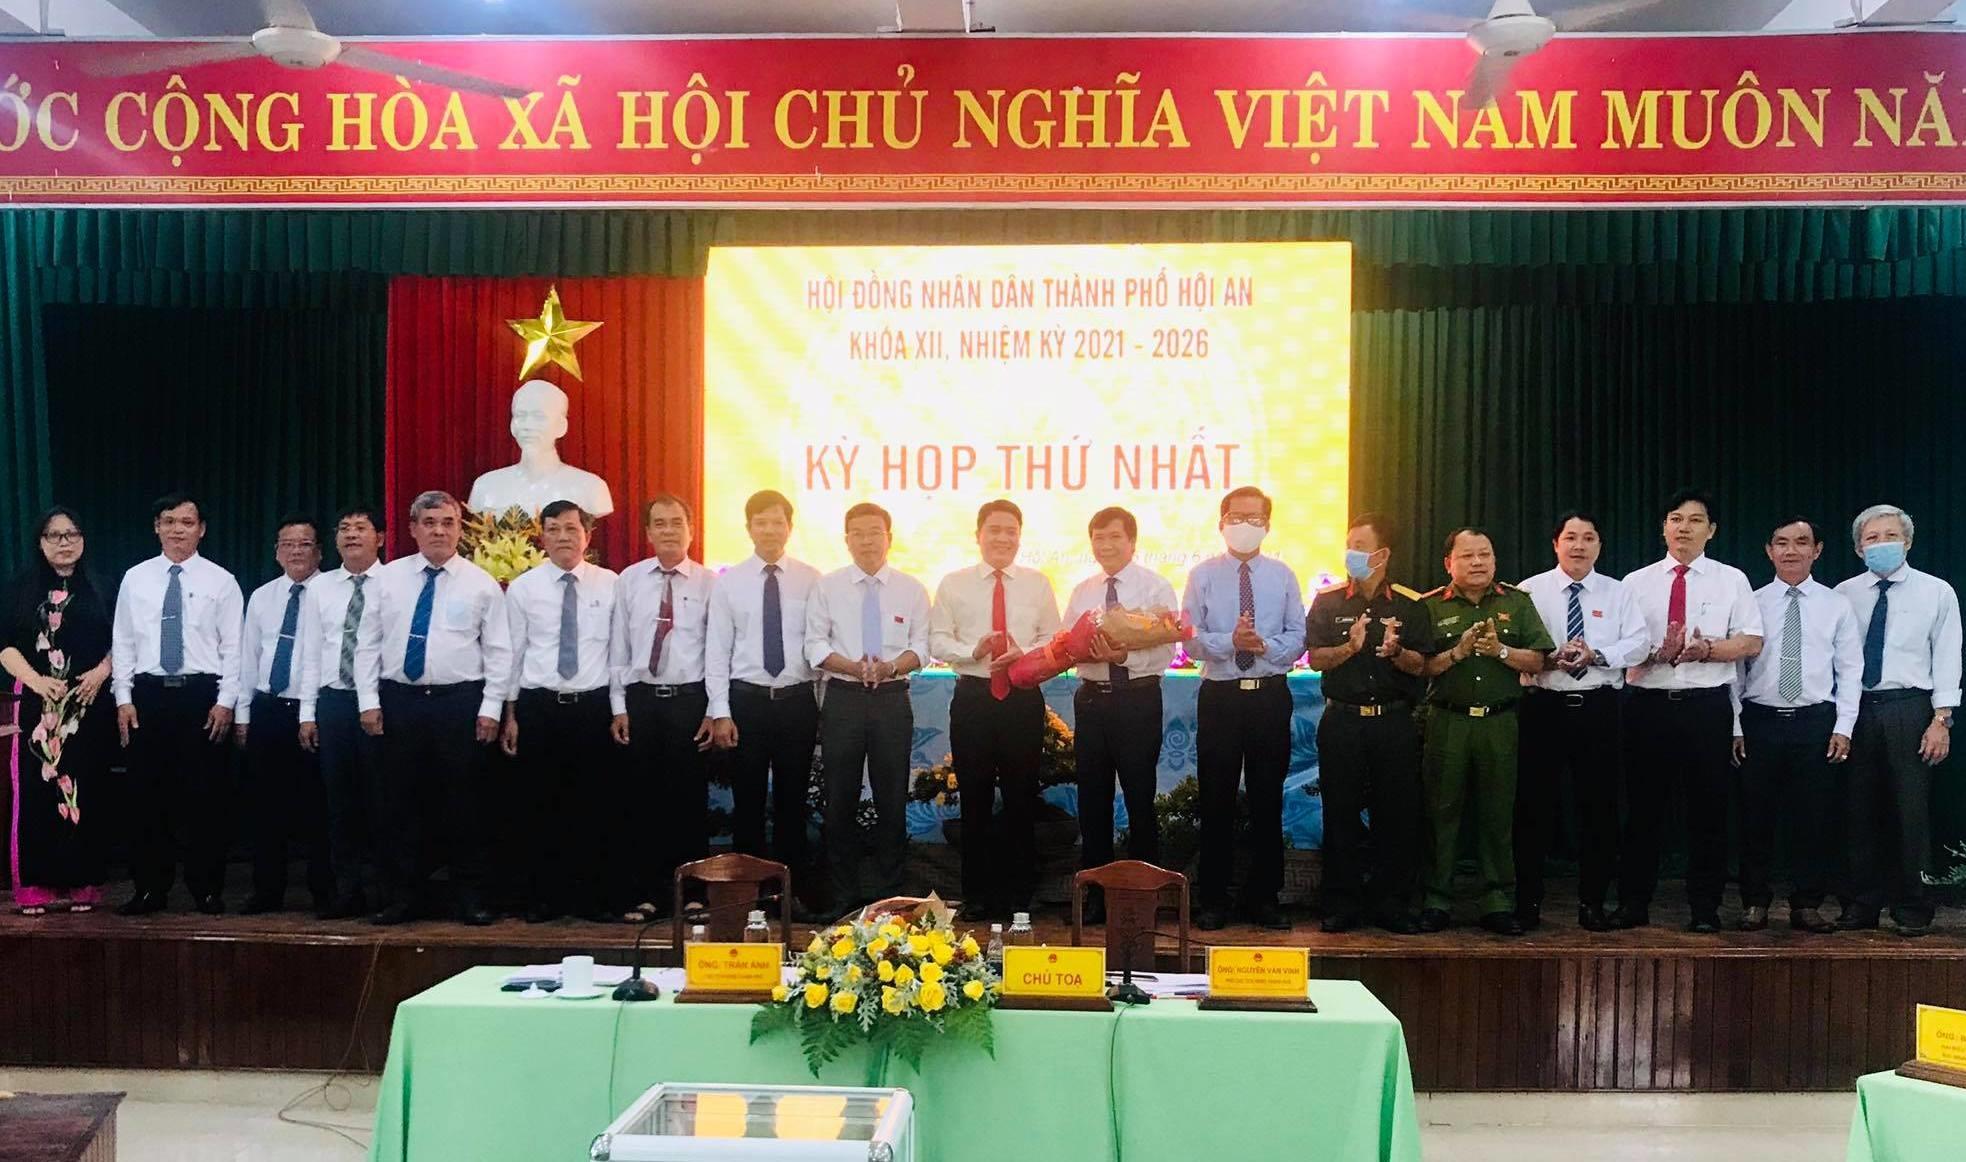 Phó Chủ tịch UBND tỉnh Trần Văn Tân tặng hoa chúc mừng tập thể lãnh đạo UBND TP.Hội An nhiệm kỳ 2021 - 2026. Ảnh: Q.T